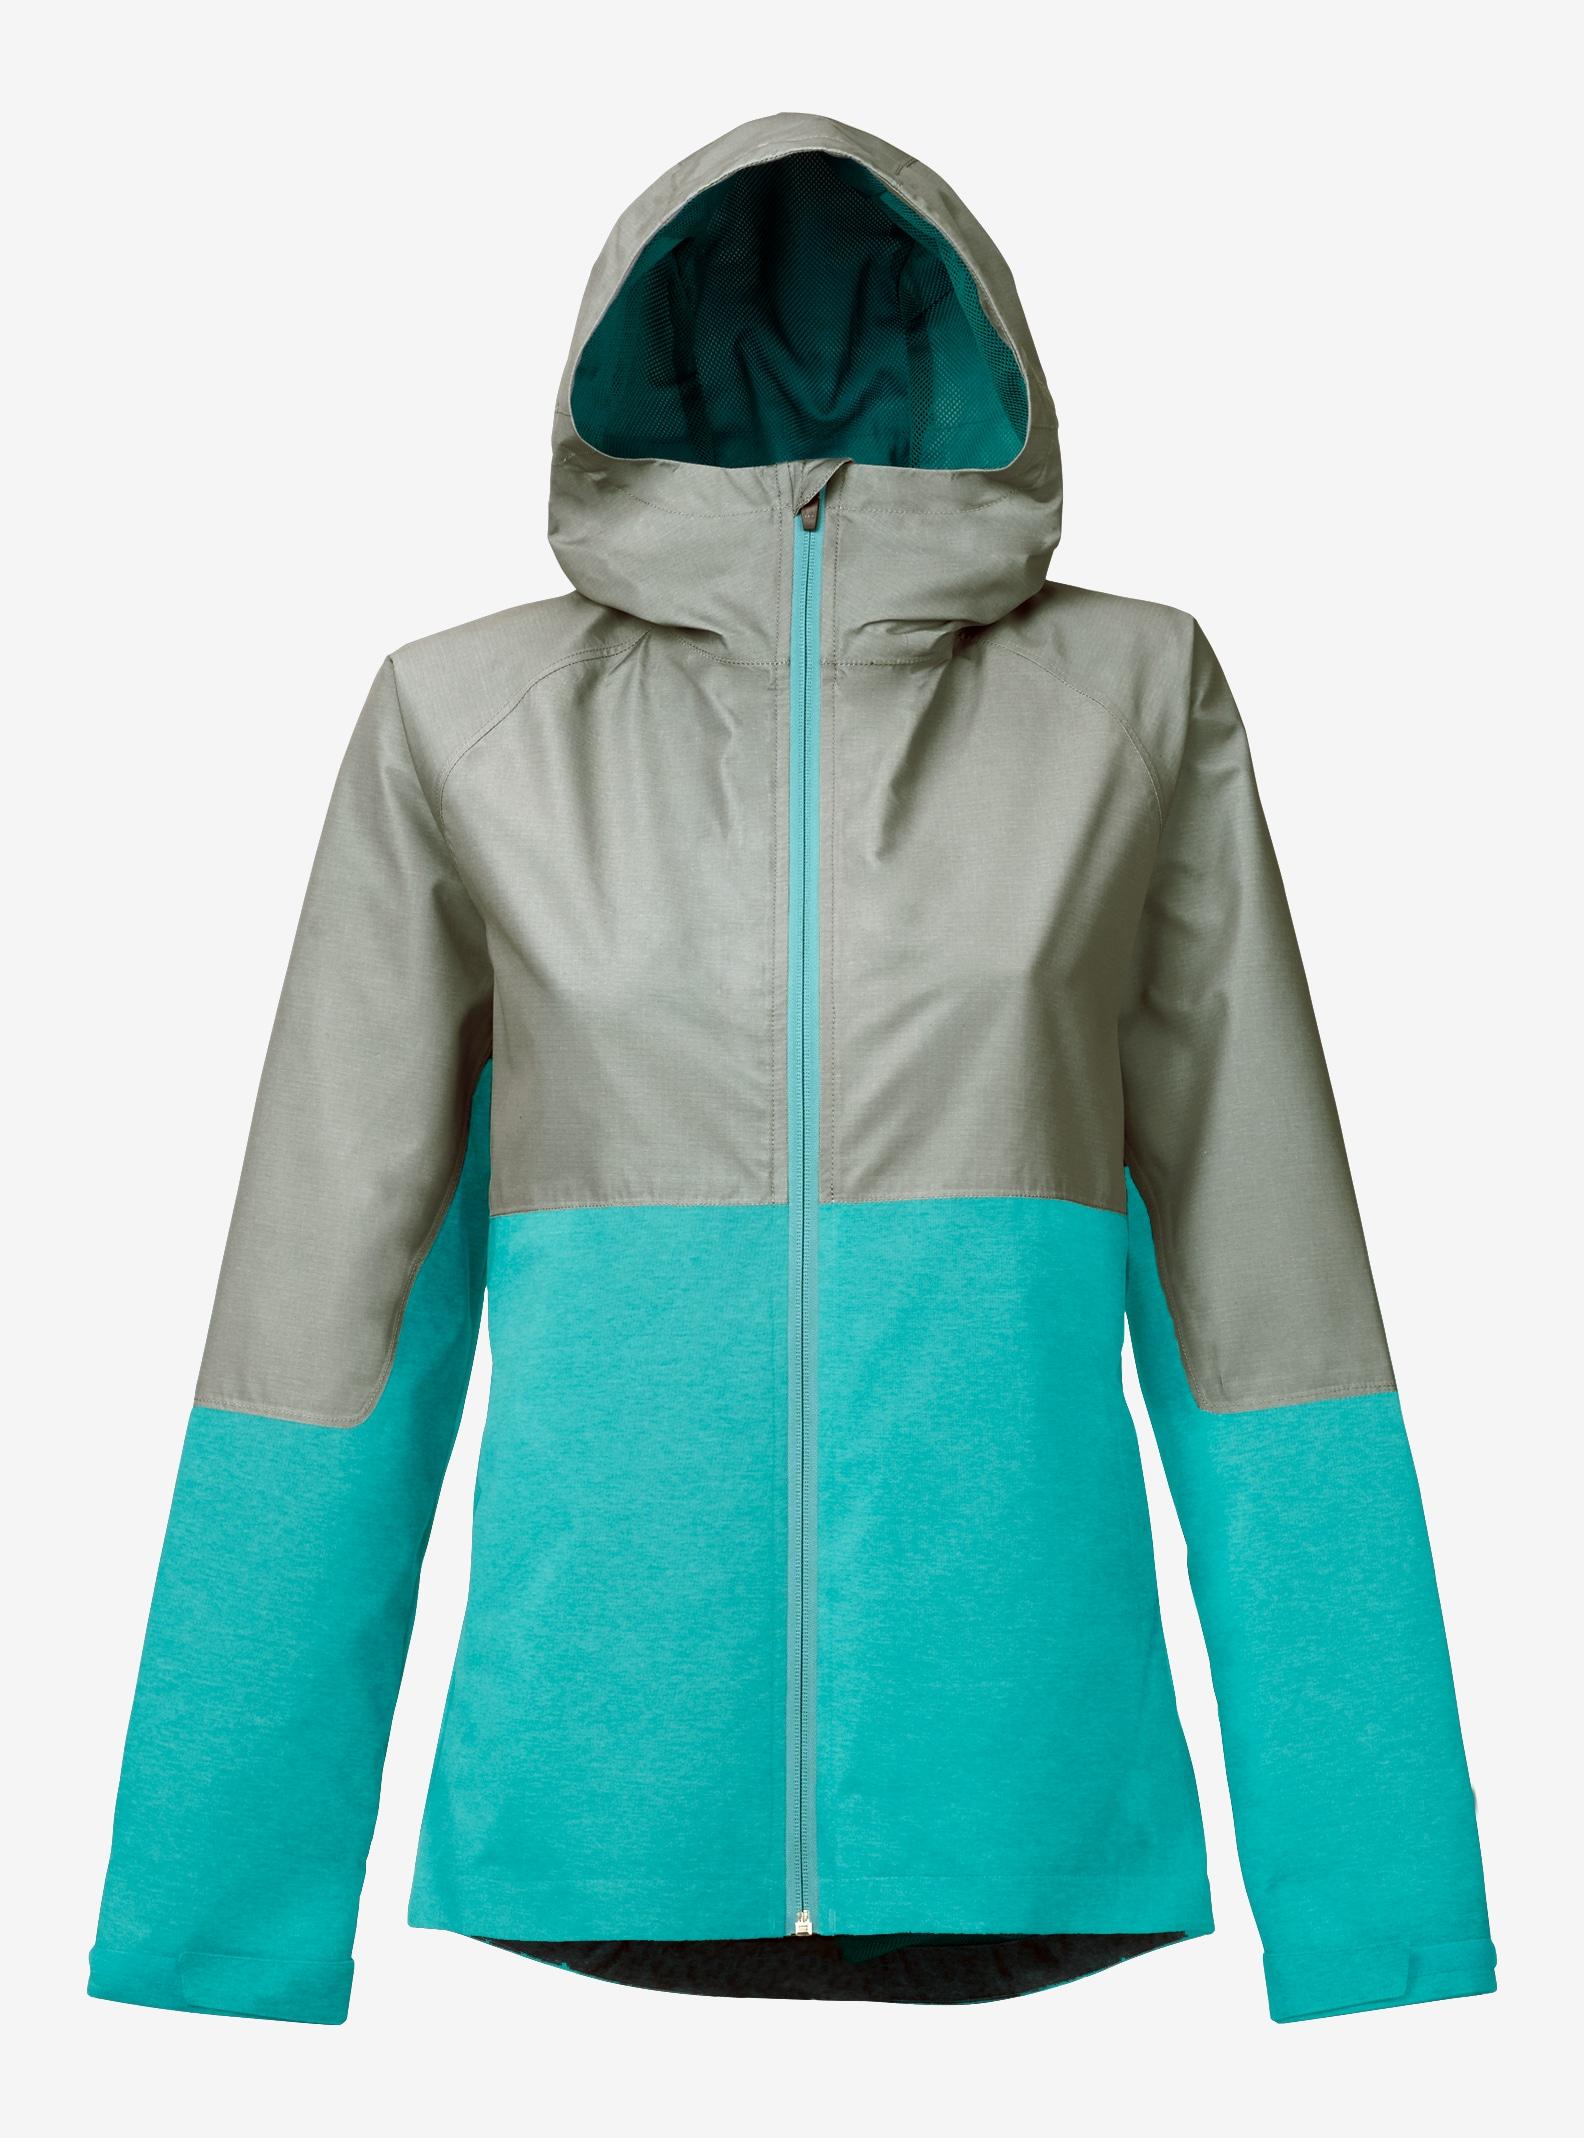 Burton Berkley Rain Jacket shown in Lichen Green Heather / Everglade Heather